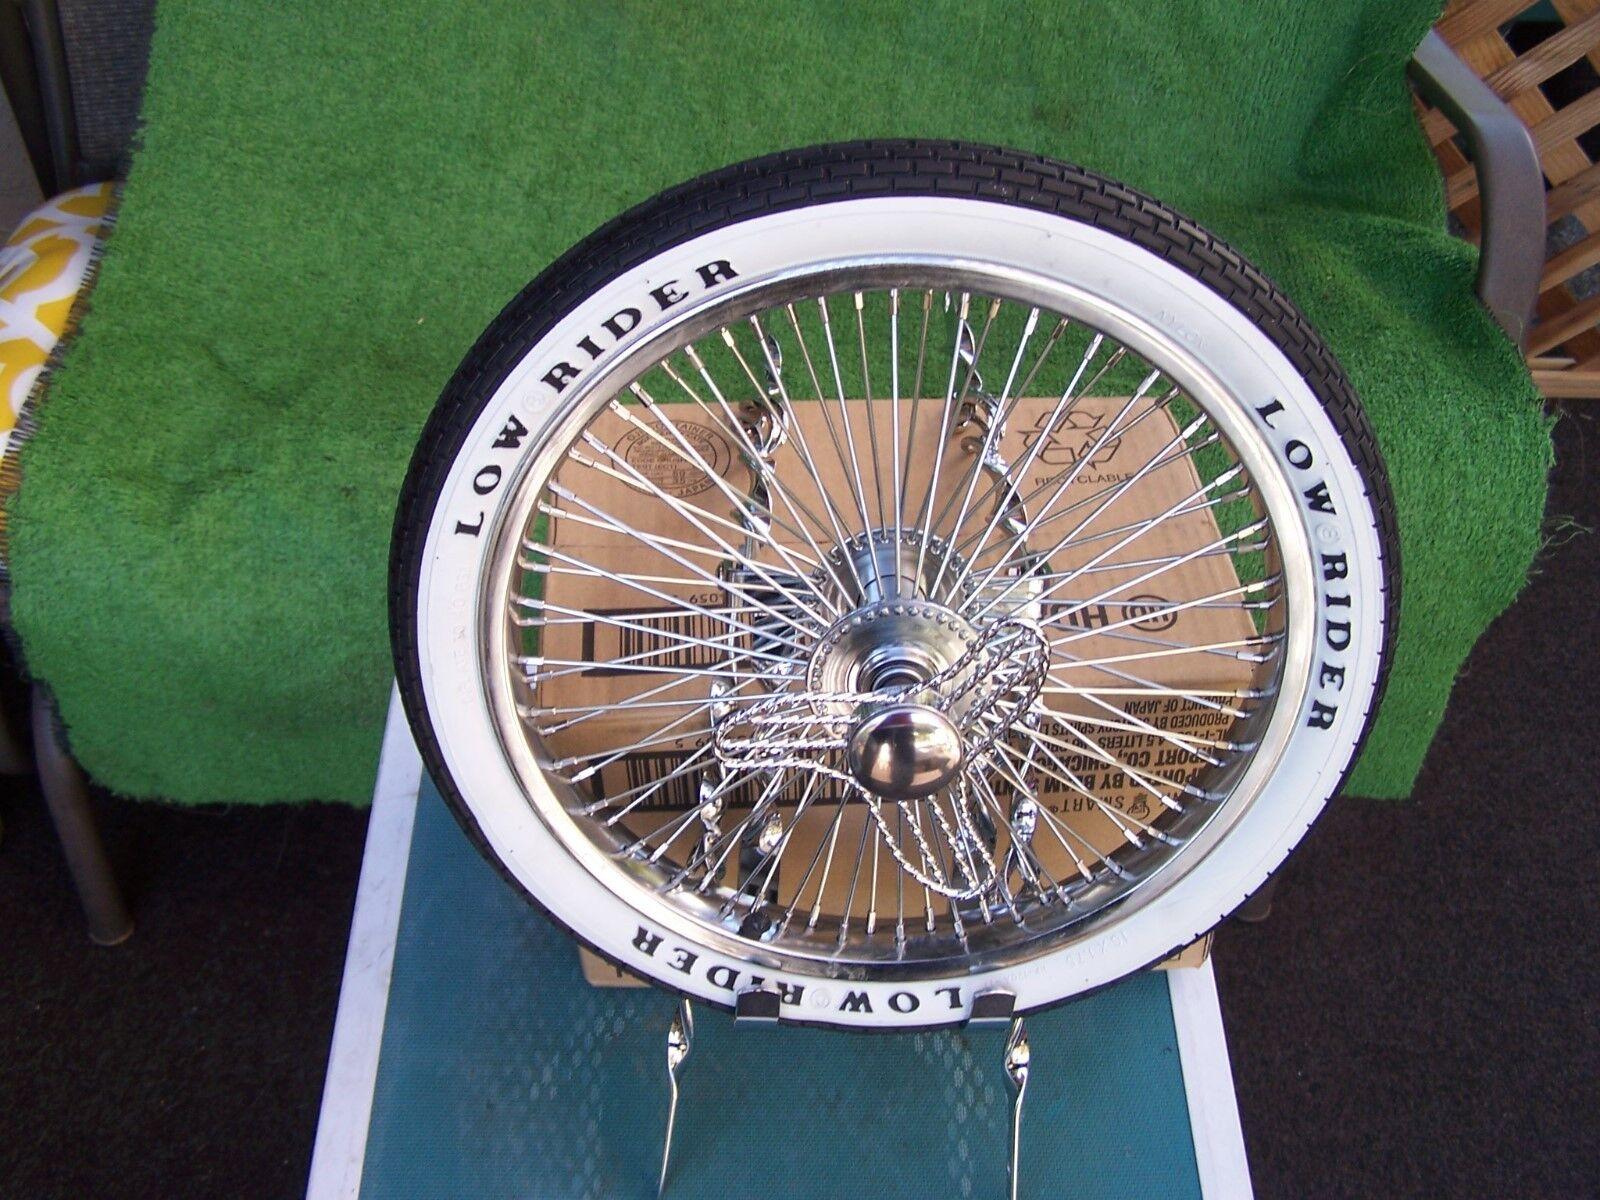 Bicicleta Lowrider Twist Jaula Neumático De Repuesto Kit 72 radios rueda golpe apagado Tubo neumático